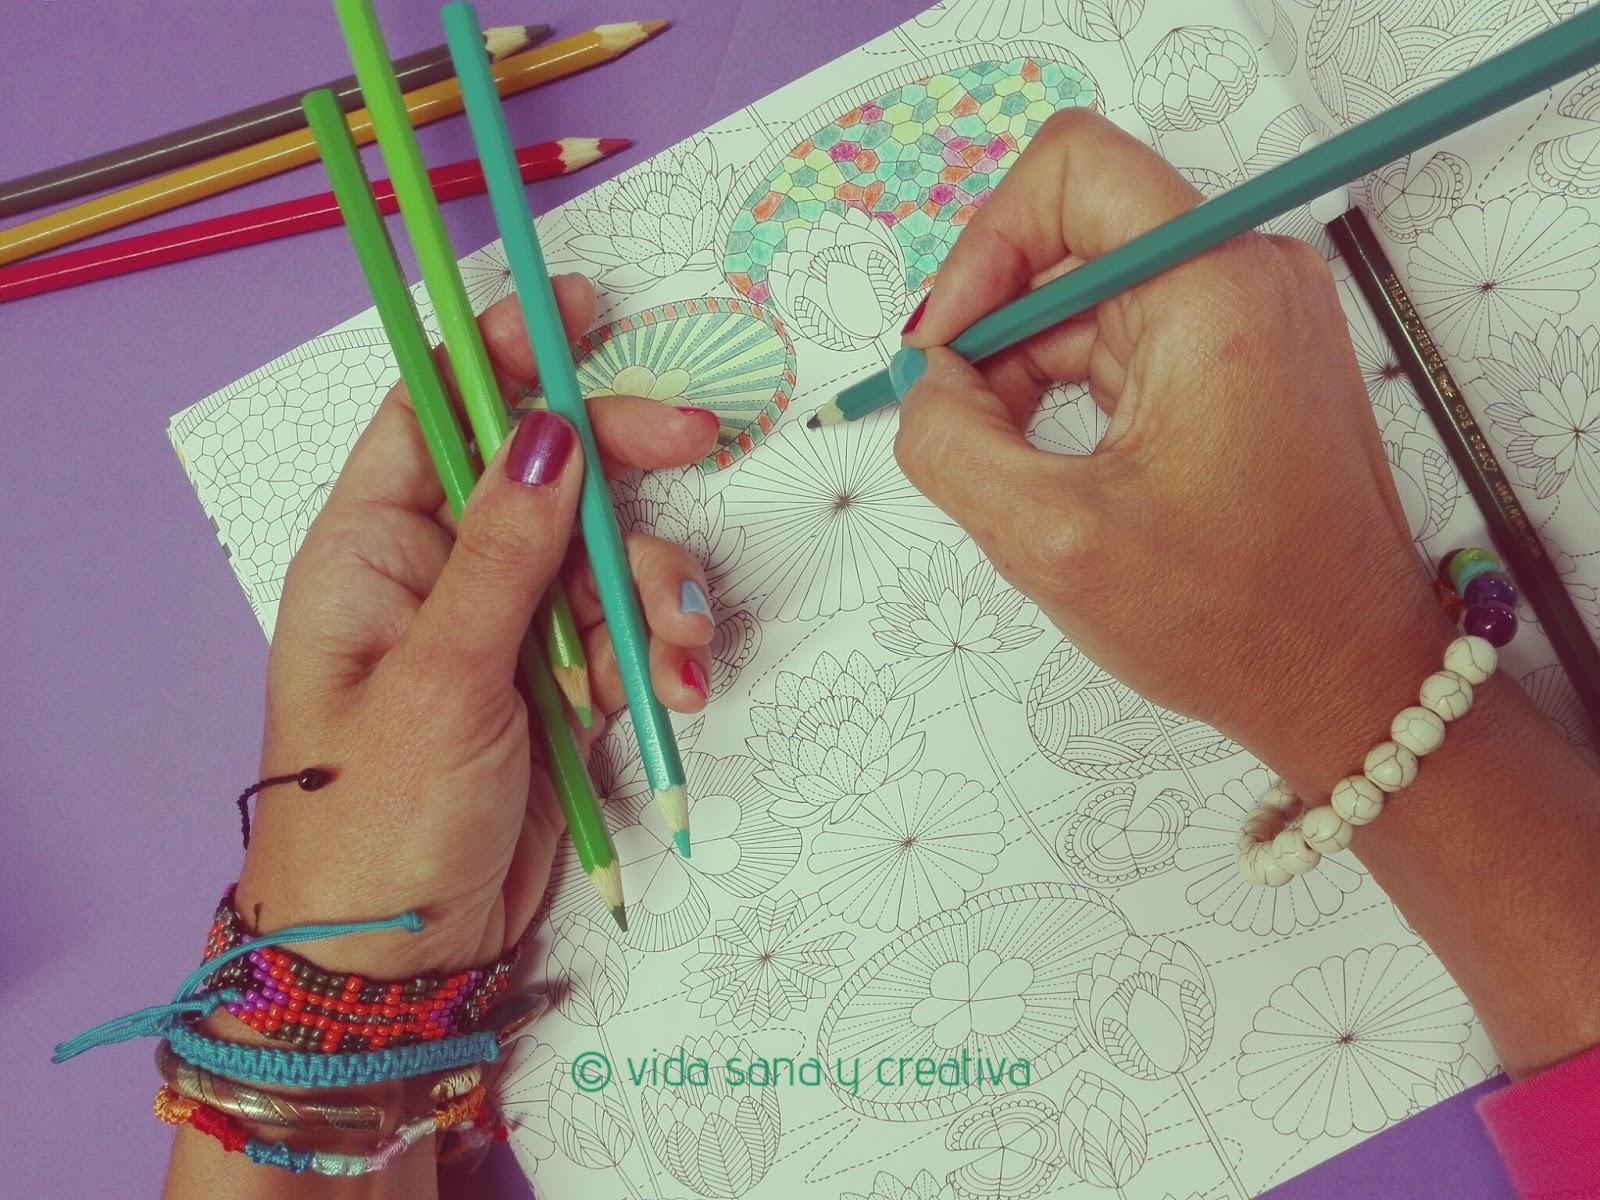 Vida sana y creativa: Millie Marotta: coloreando nuestro paraíso ...